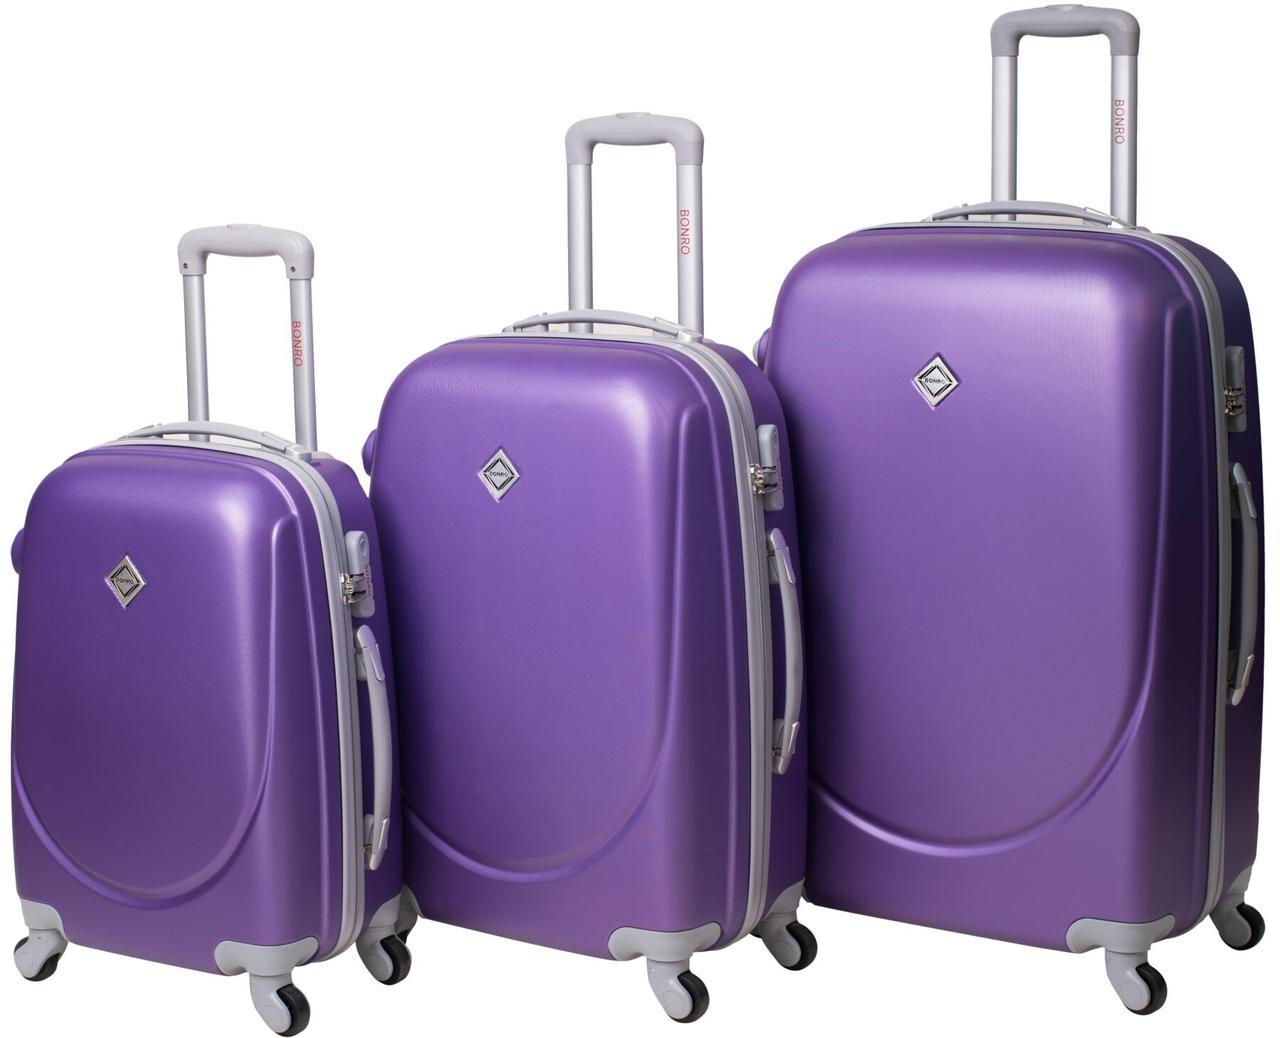 Набор чемоданов Bonro Smile 3 штуки фиолетовый (10050309)